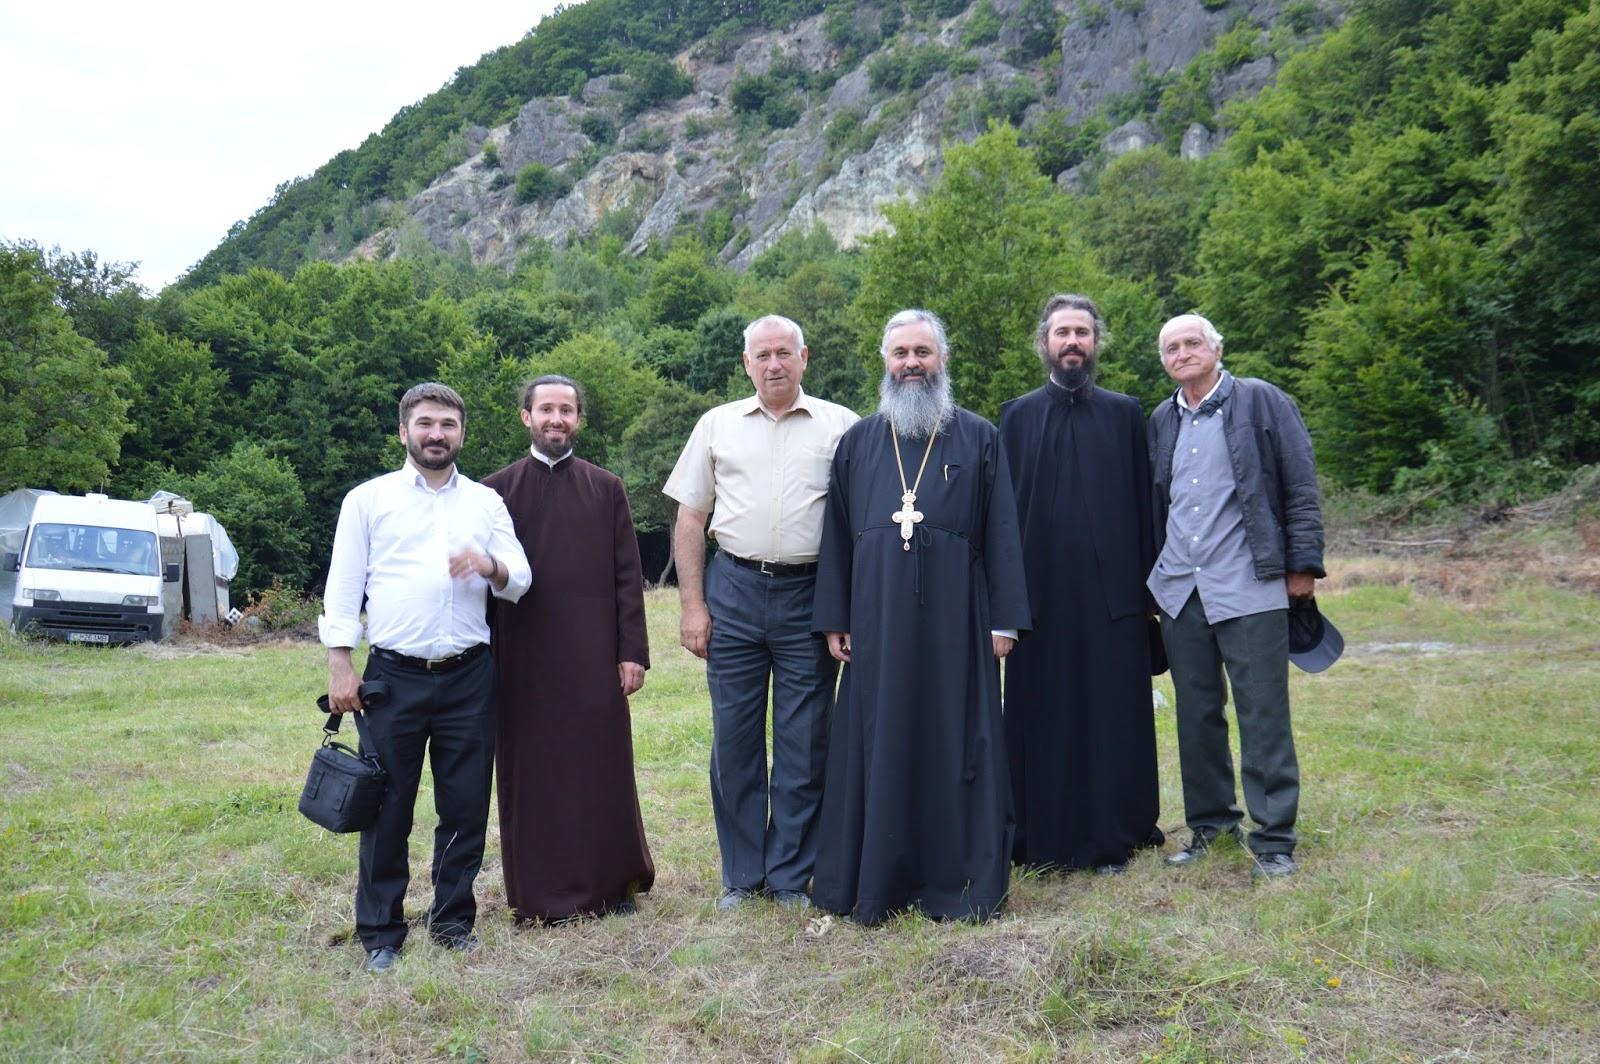 Dar!: Manastirea Petru Rares Voda, Ciceu Corabia, jud